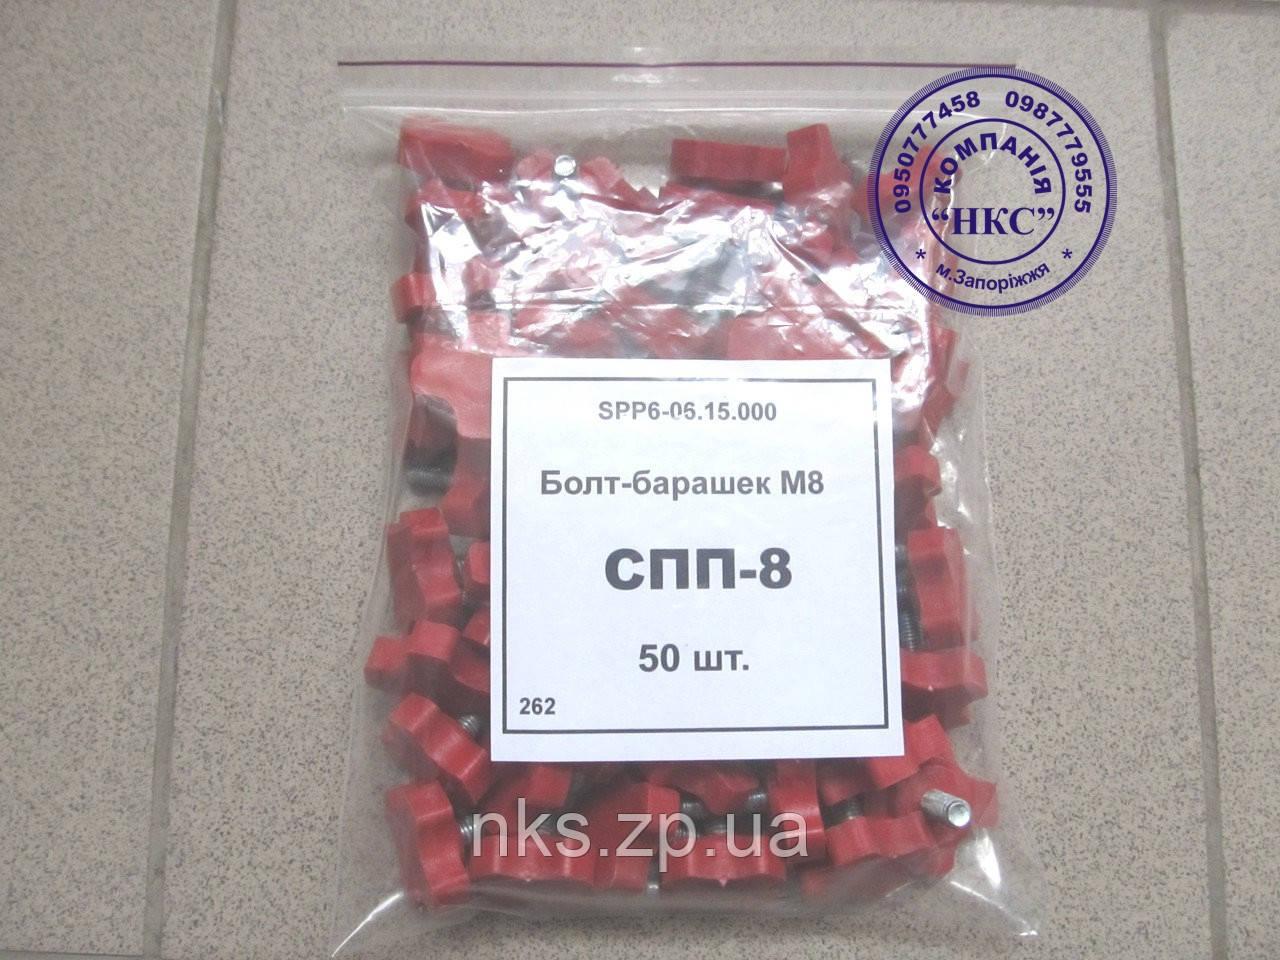 Болт-барашек М8 СПП-8 50 шт